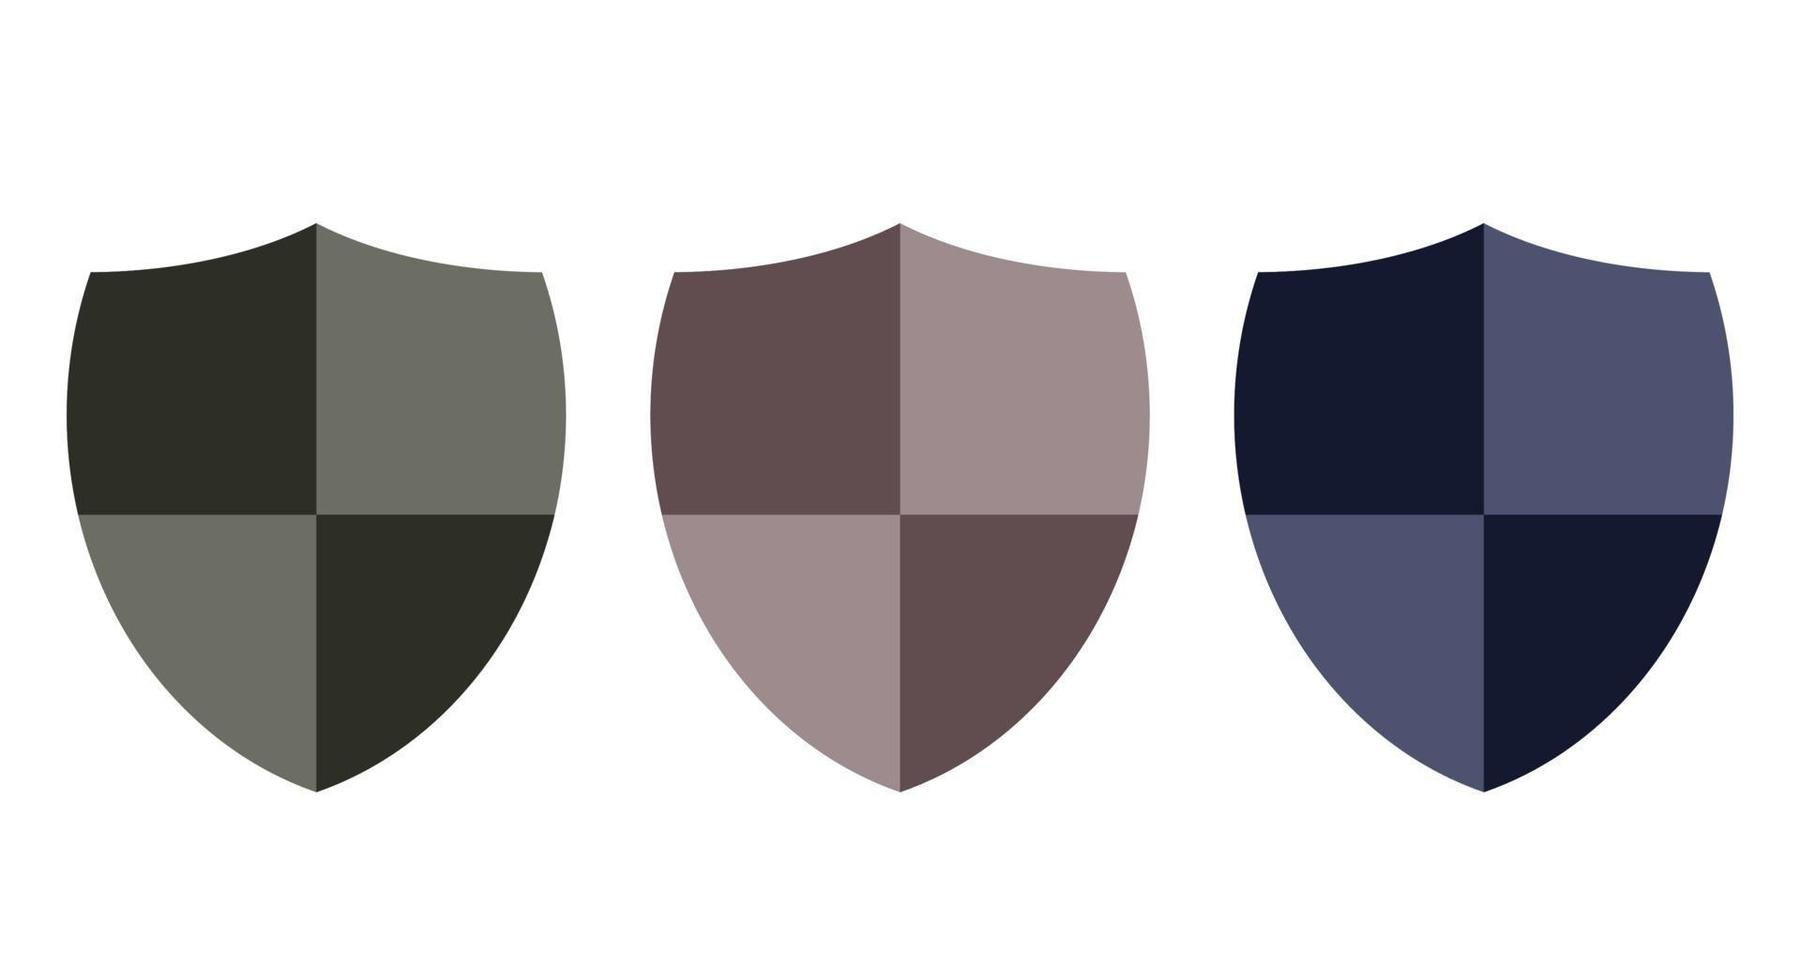 elegante scudo controlla set di icone di disegno vettoriale